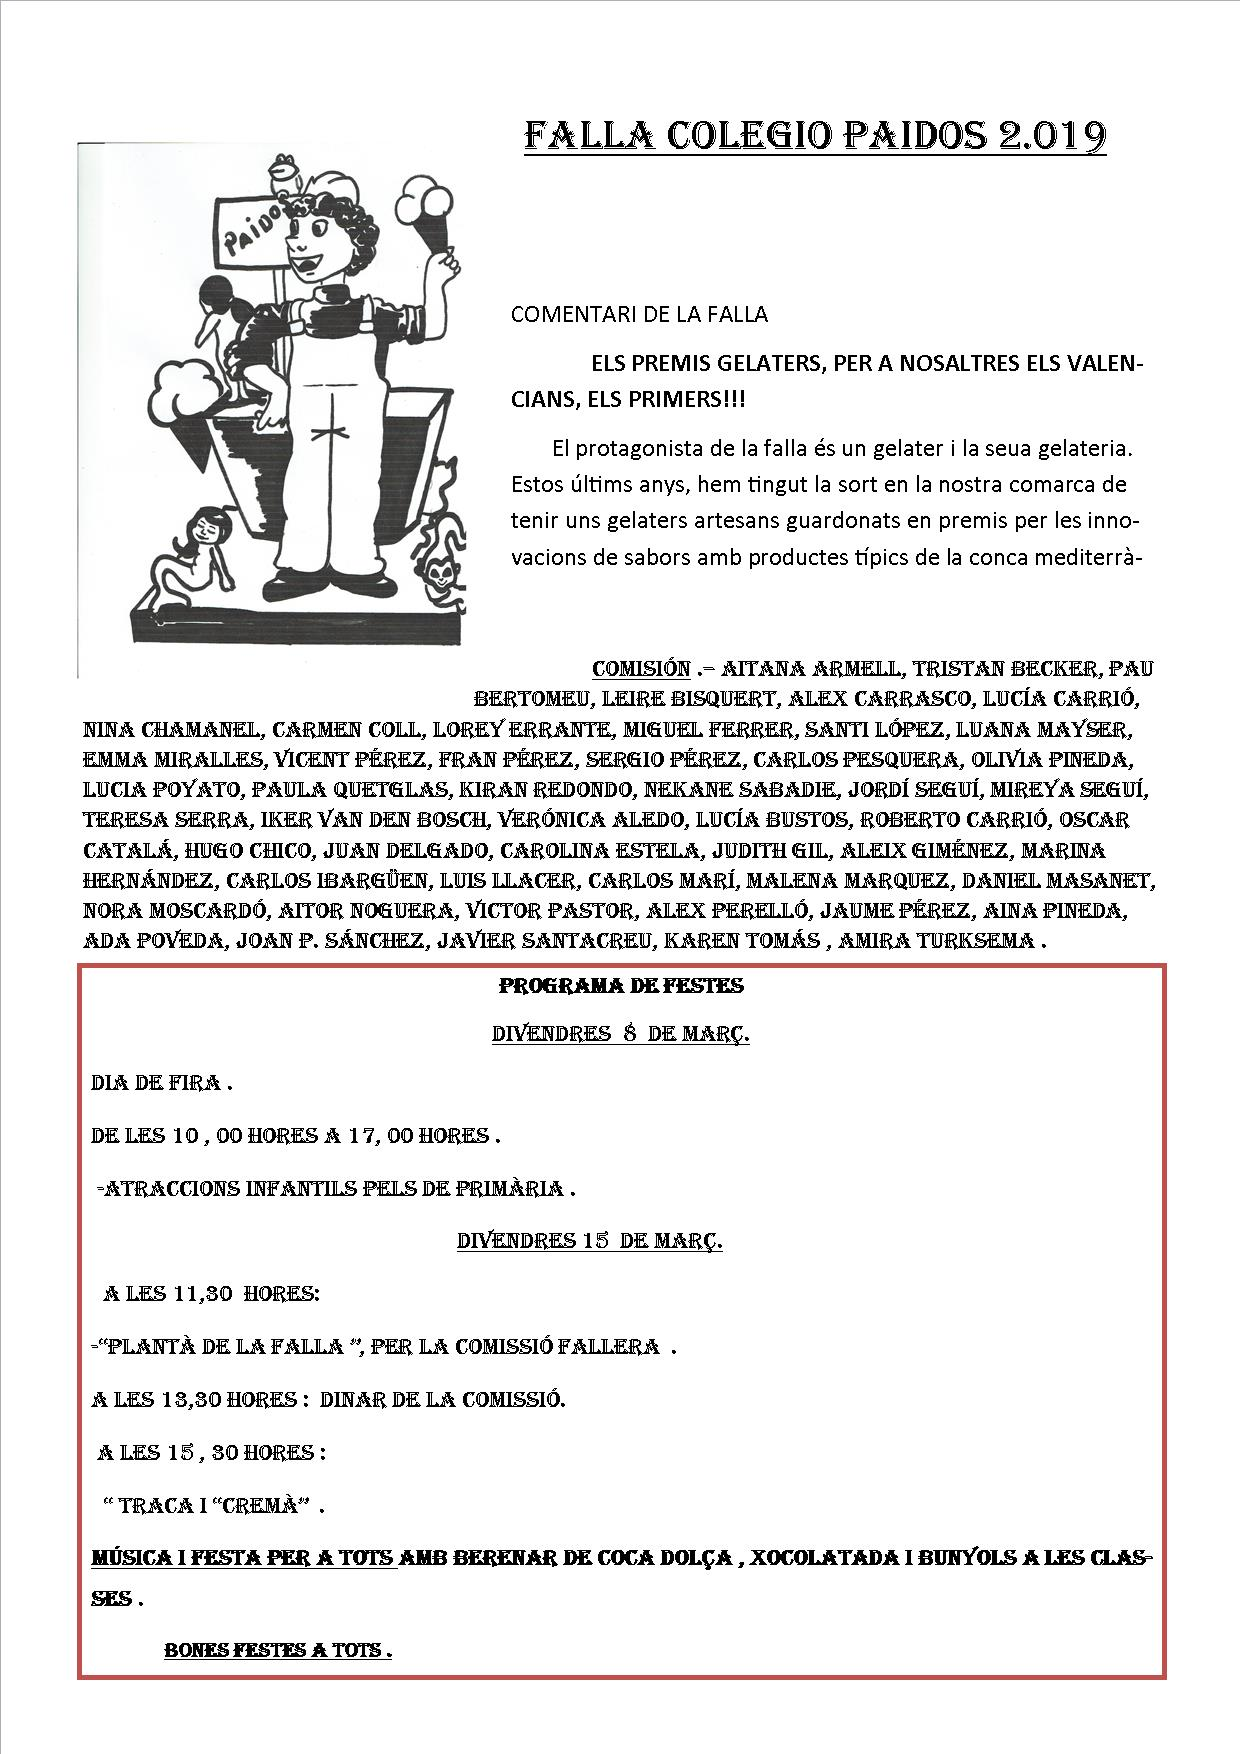 falla 2019 Paidos Denia